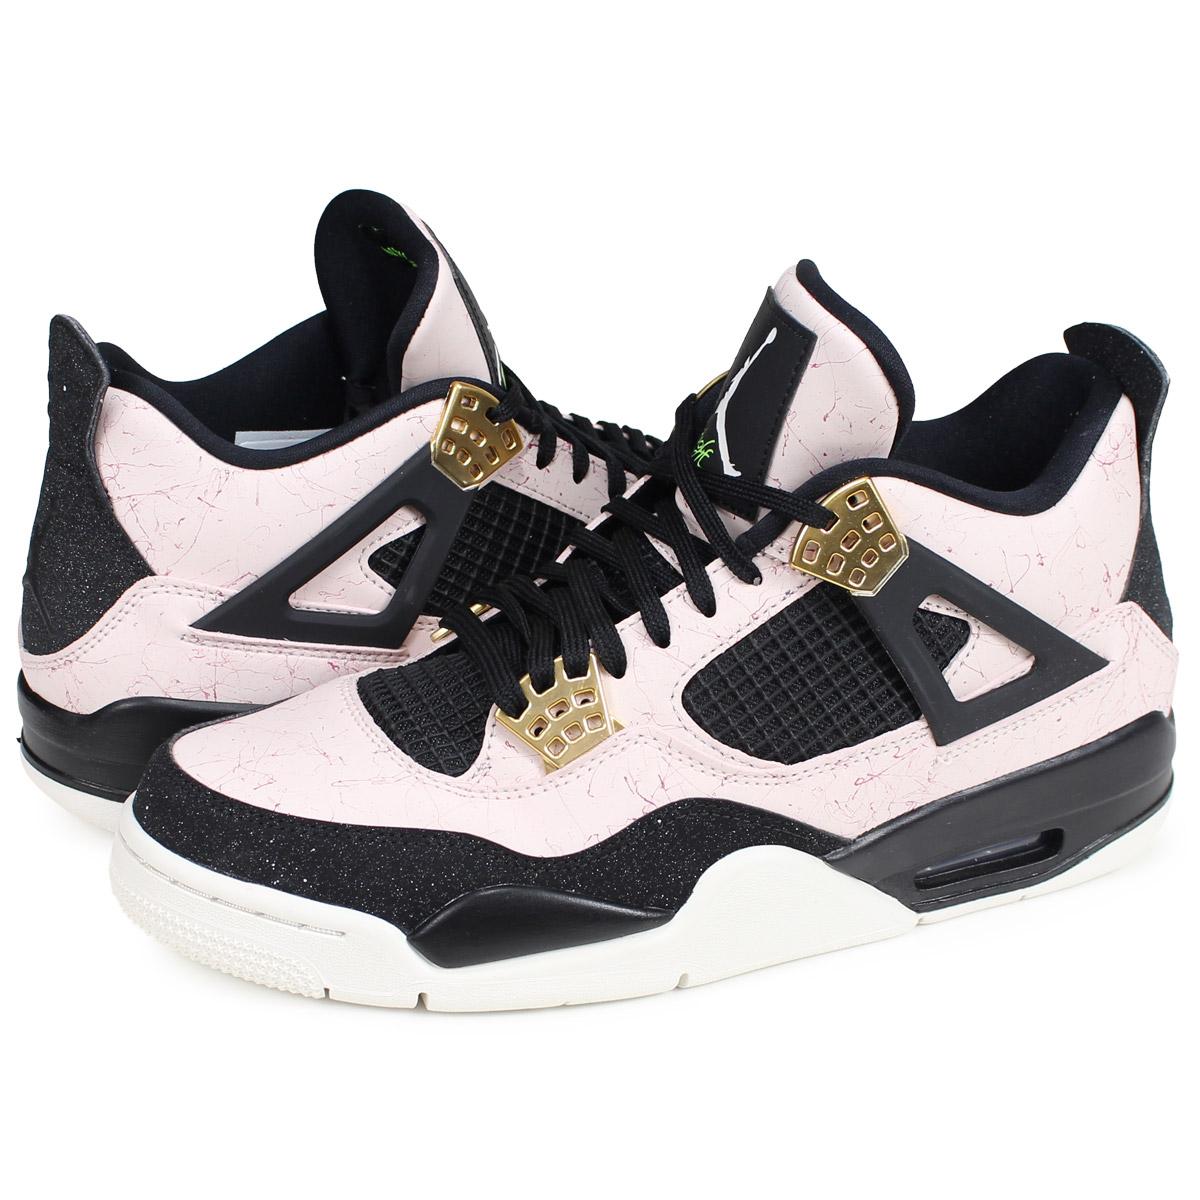 Nike NIKE Air Jordan 4 nostalgic sneakers men WMNS AIR JORDAN 4 RETRO pink AQ9129 601